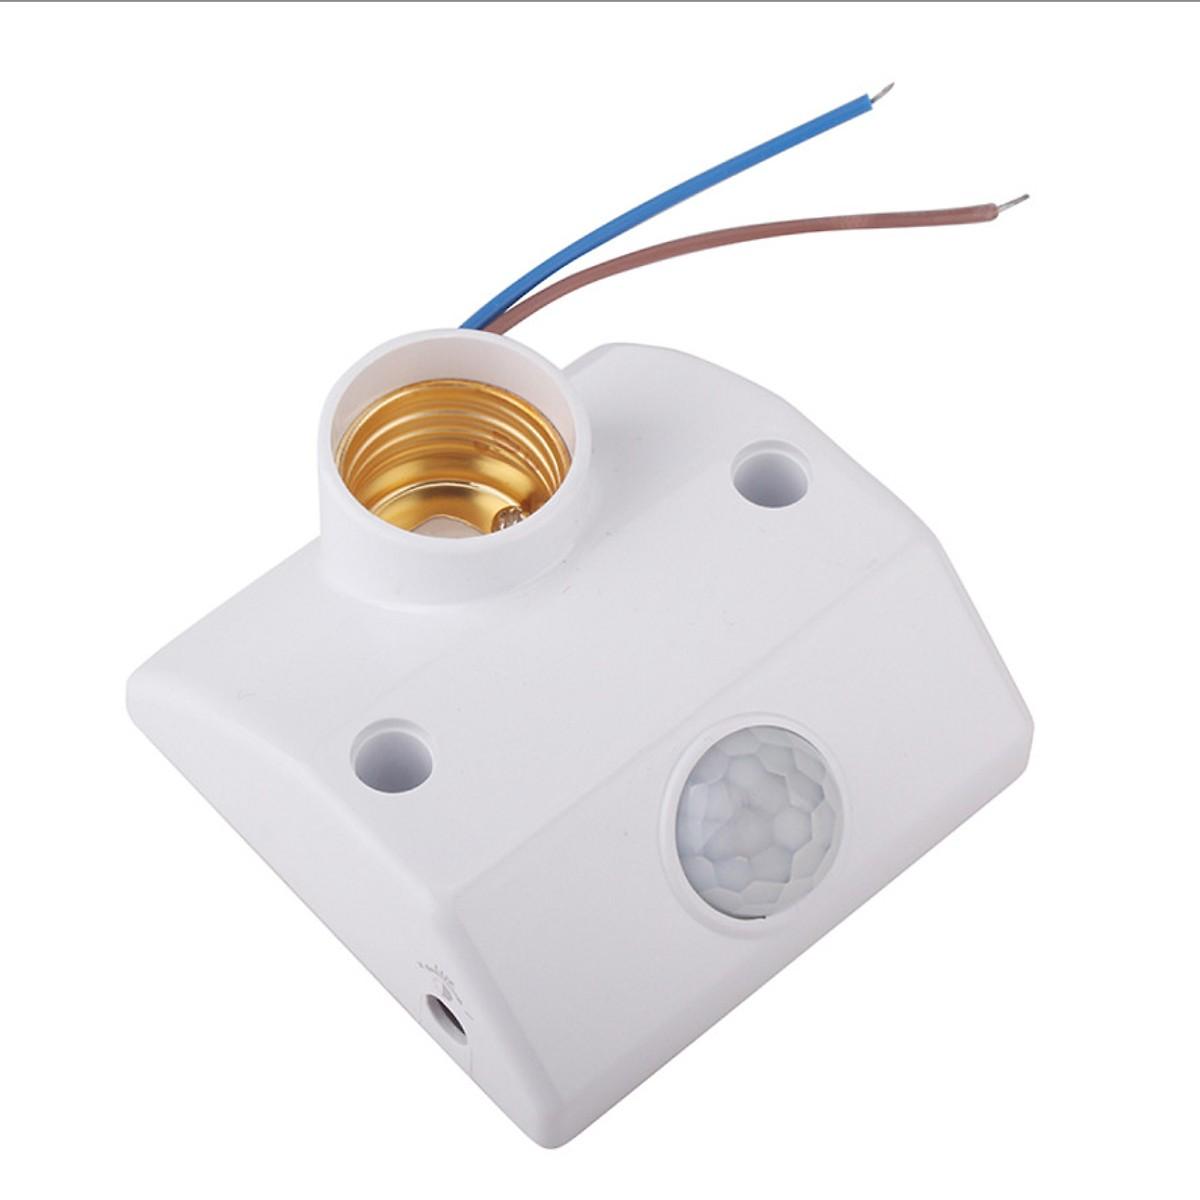 Điều chỉnh cảm biến ánh sáng và điều chỉnh thời gian đui đèn cảm ứng